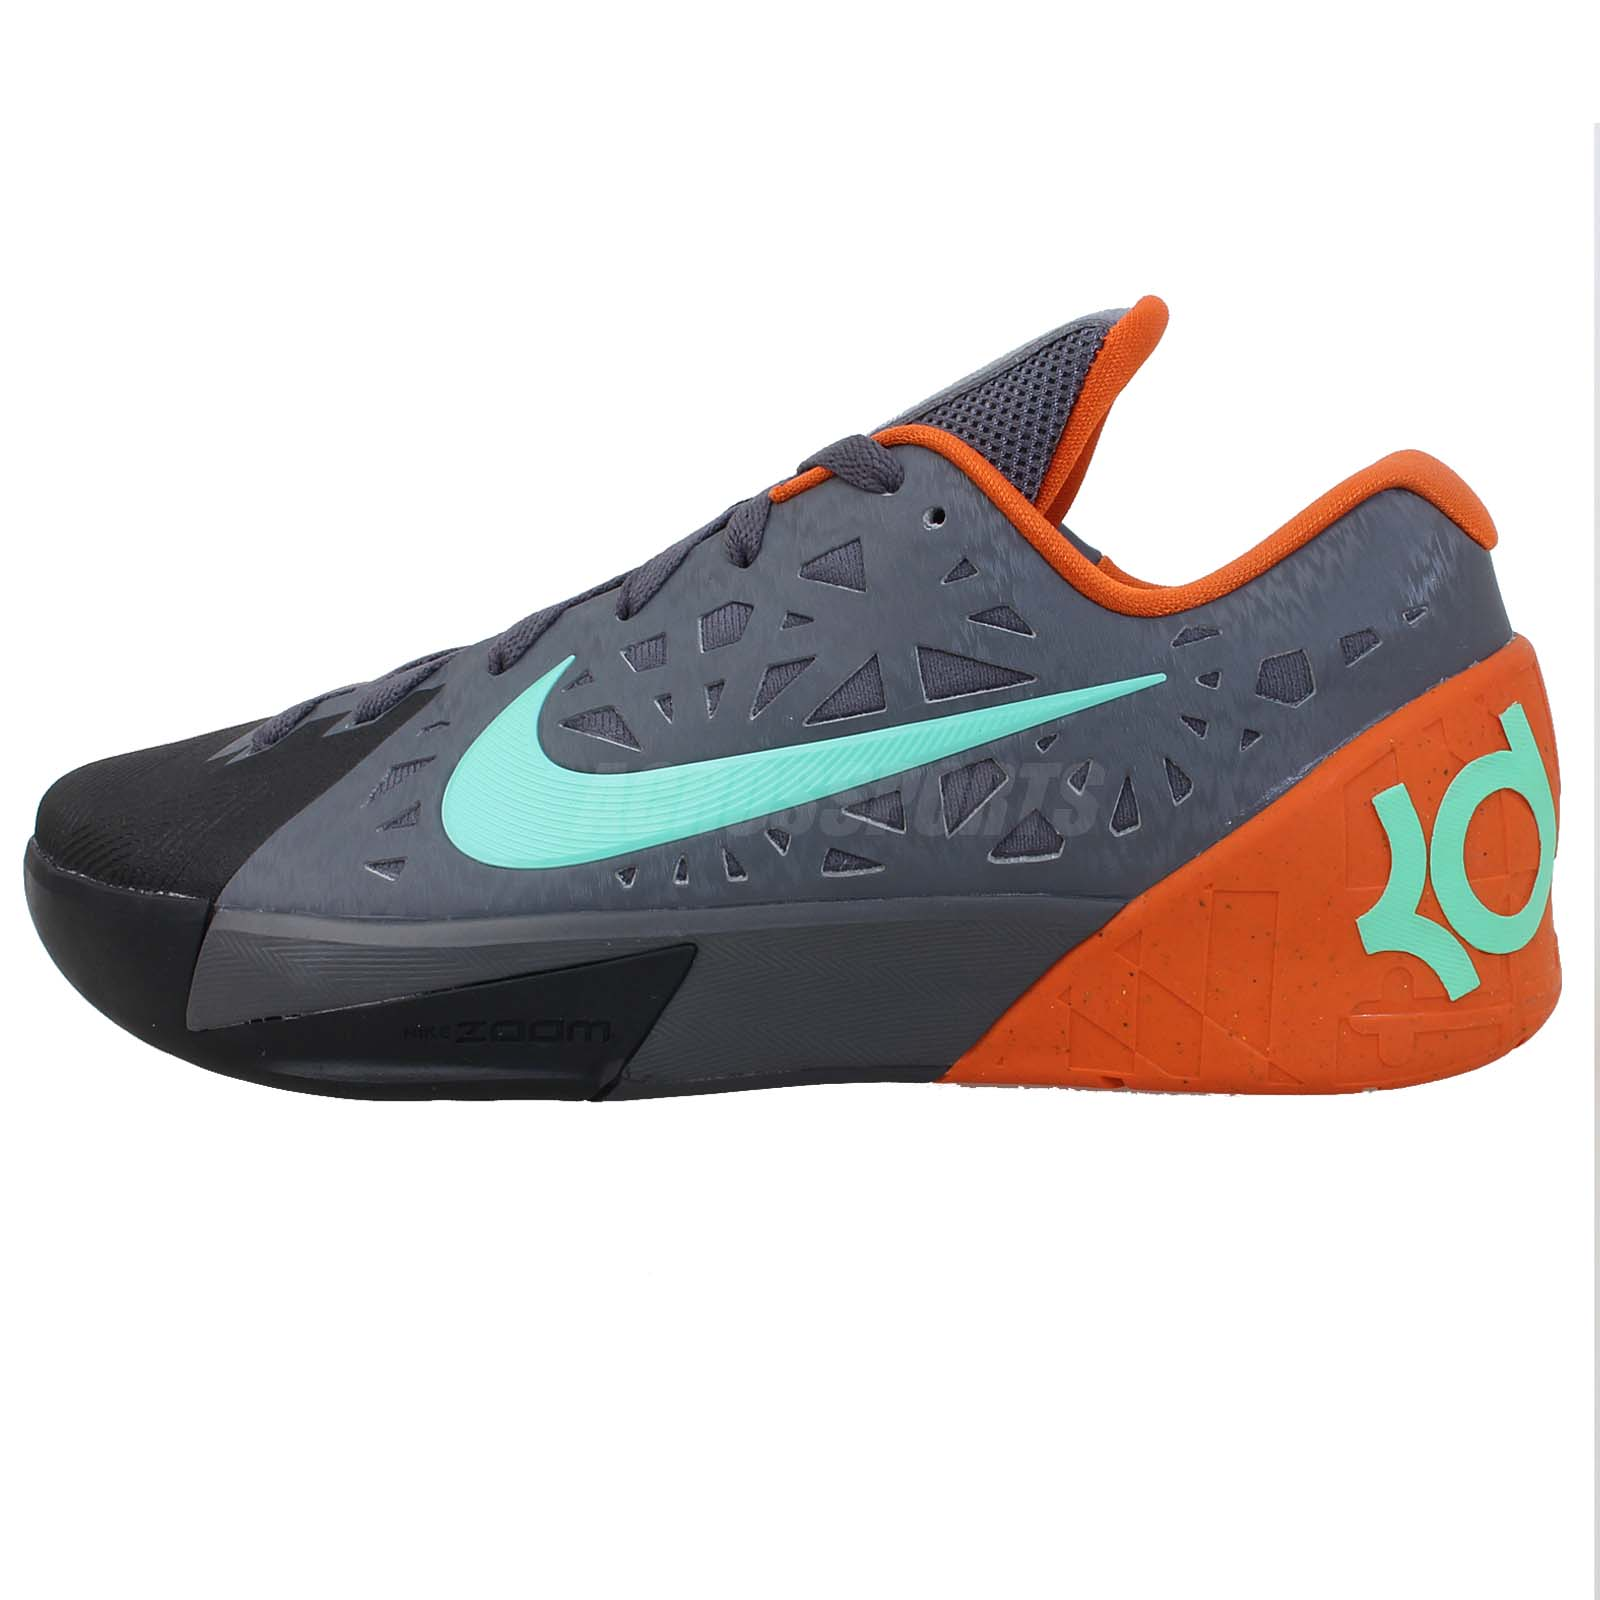 Kd 7 Shoes 2014